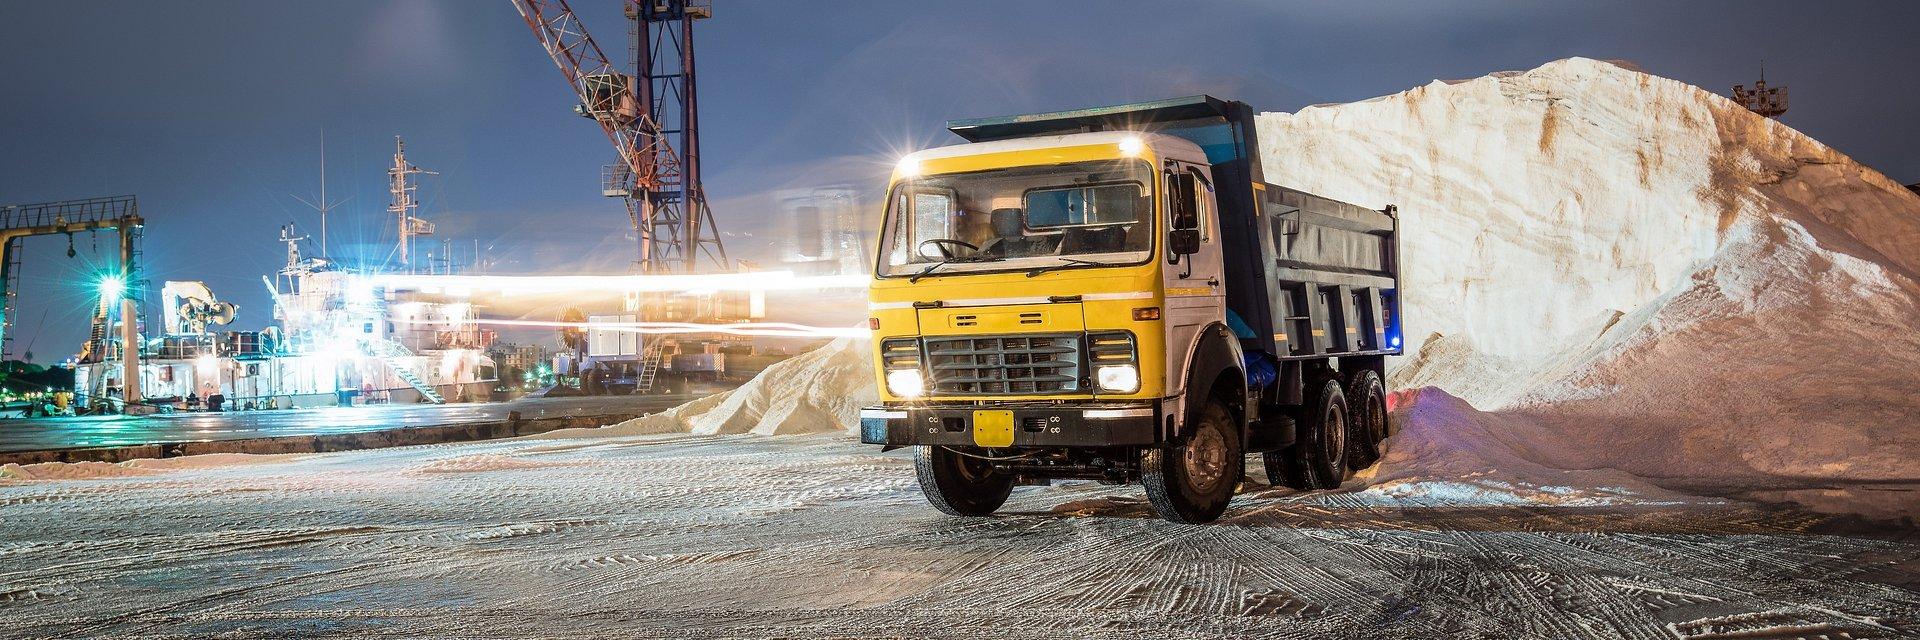 Konserwacja maszyn budowlanych przed zimą